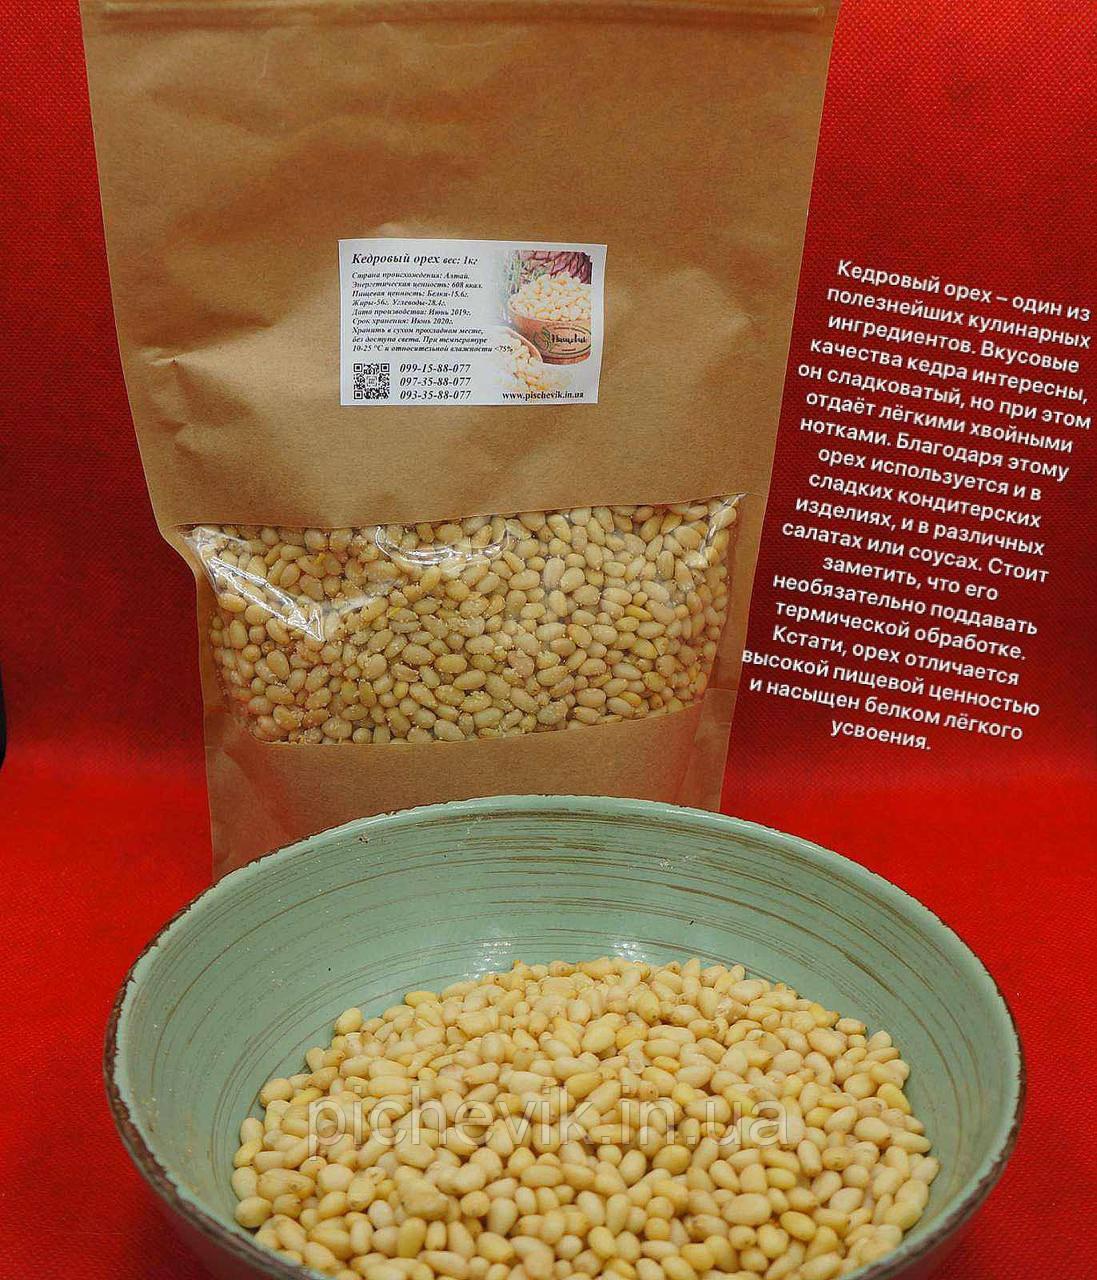 Кедровый орех (Алтай) вес:1 кг